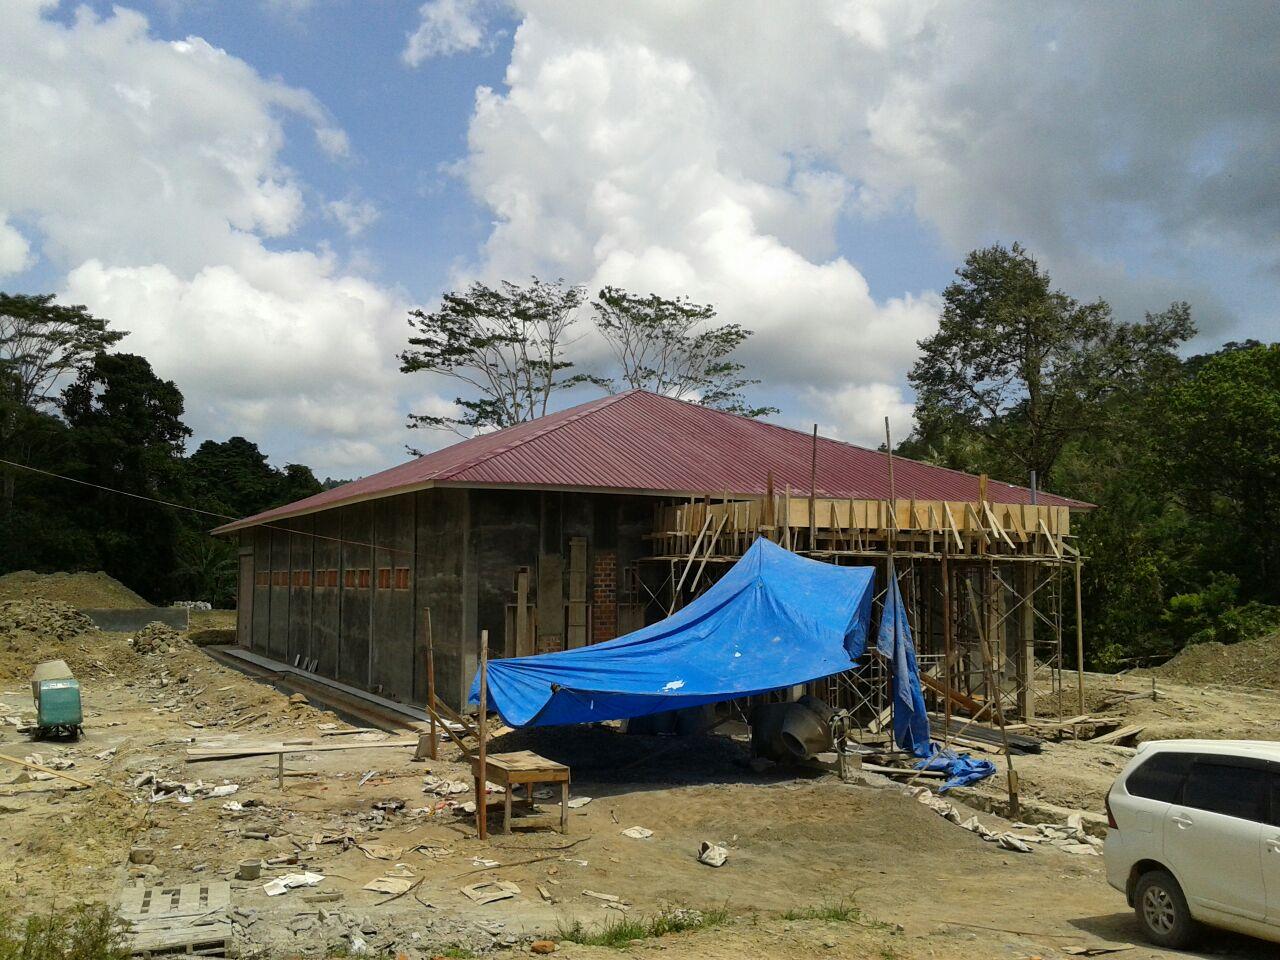 Gaji dan Bahan Bangunan Tak Dibayar, Pekerja Blokir Pembangunan Gudang Farmasi